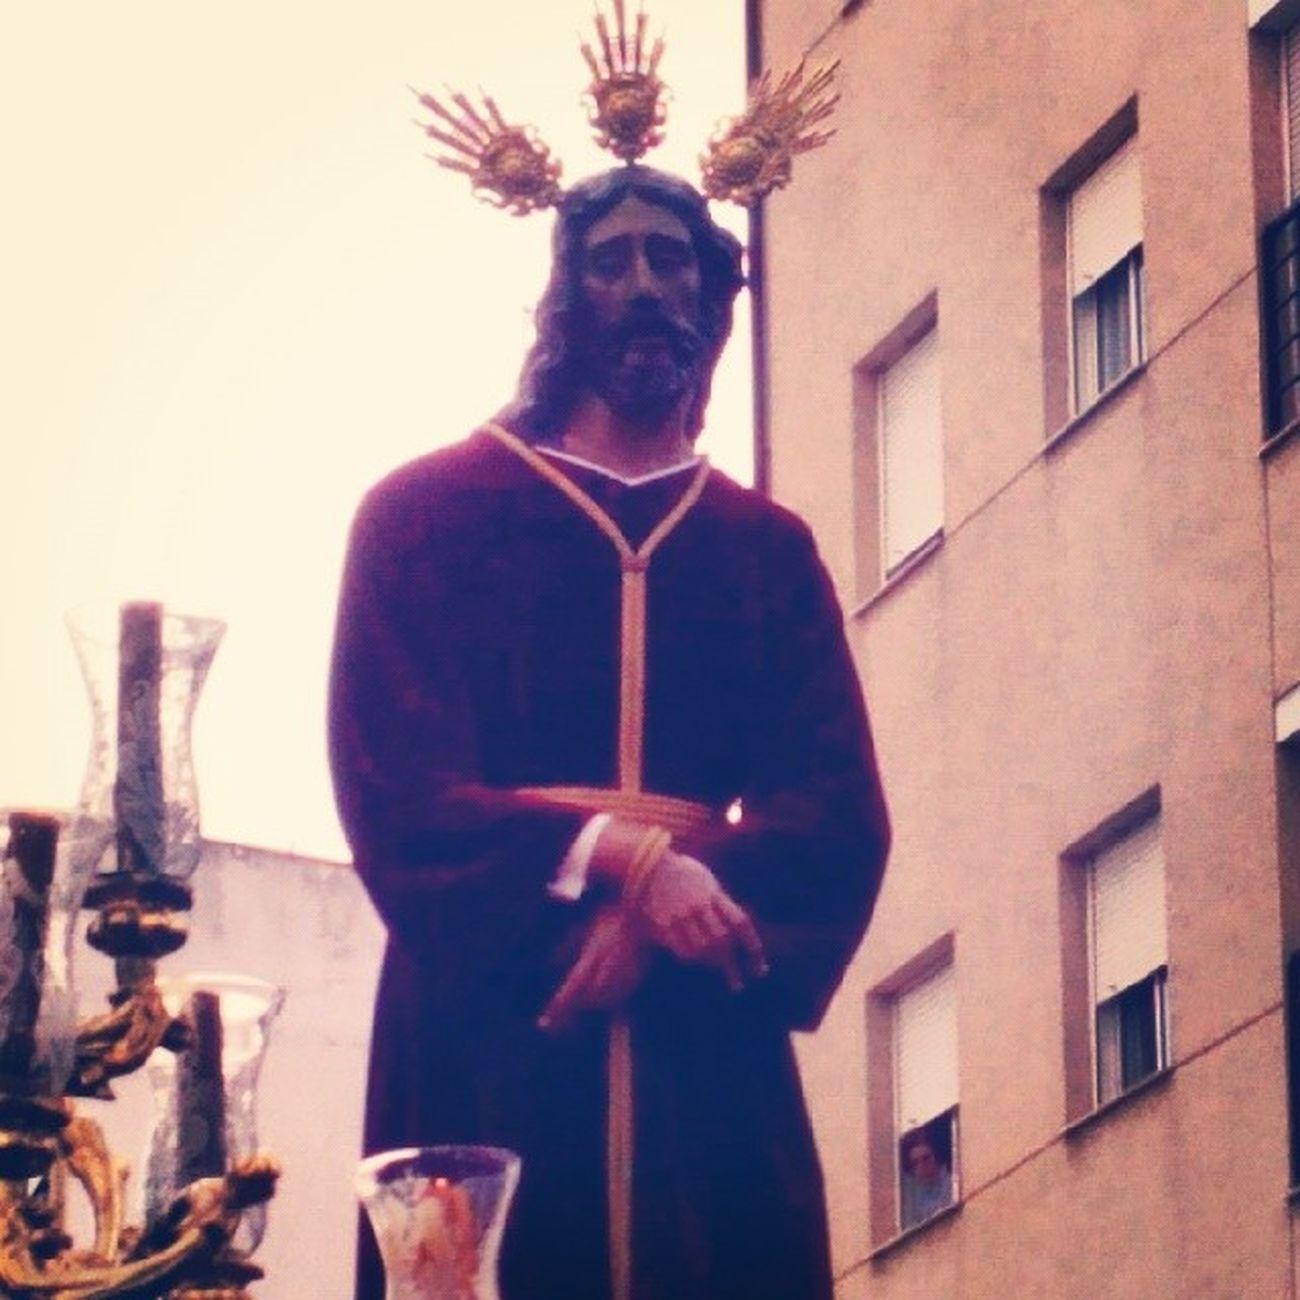 Imponente el Cautivo de la parroquia de Las Flores Cuaresma2014 Sevillahoy